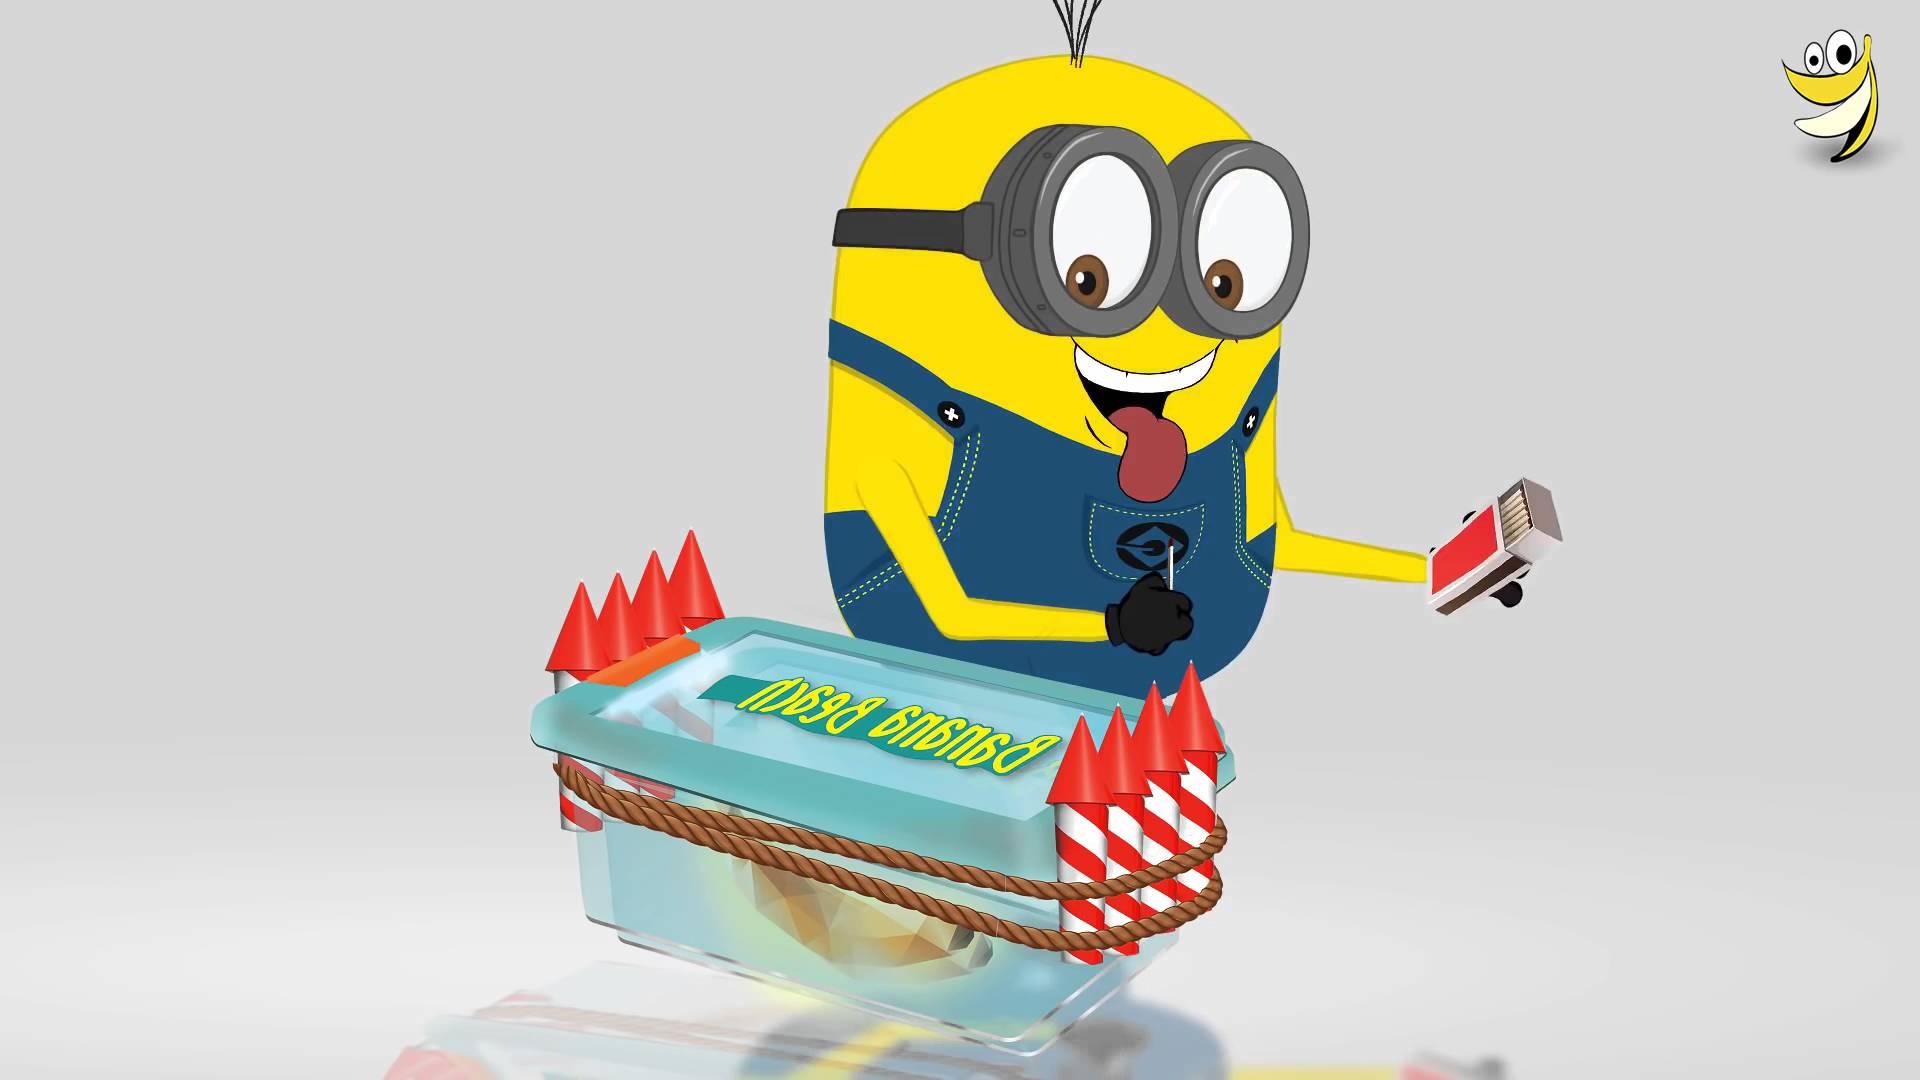 Minions Banana Box ~ Funny Cartoon Minions Mini Movies (HD).